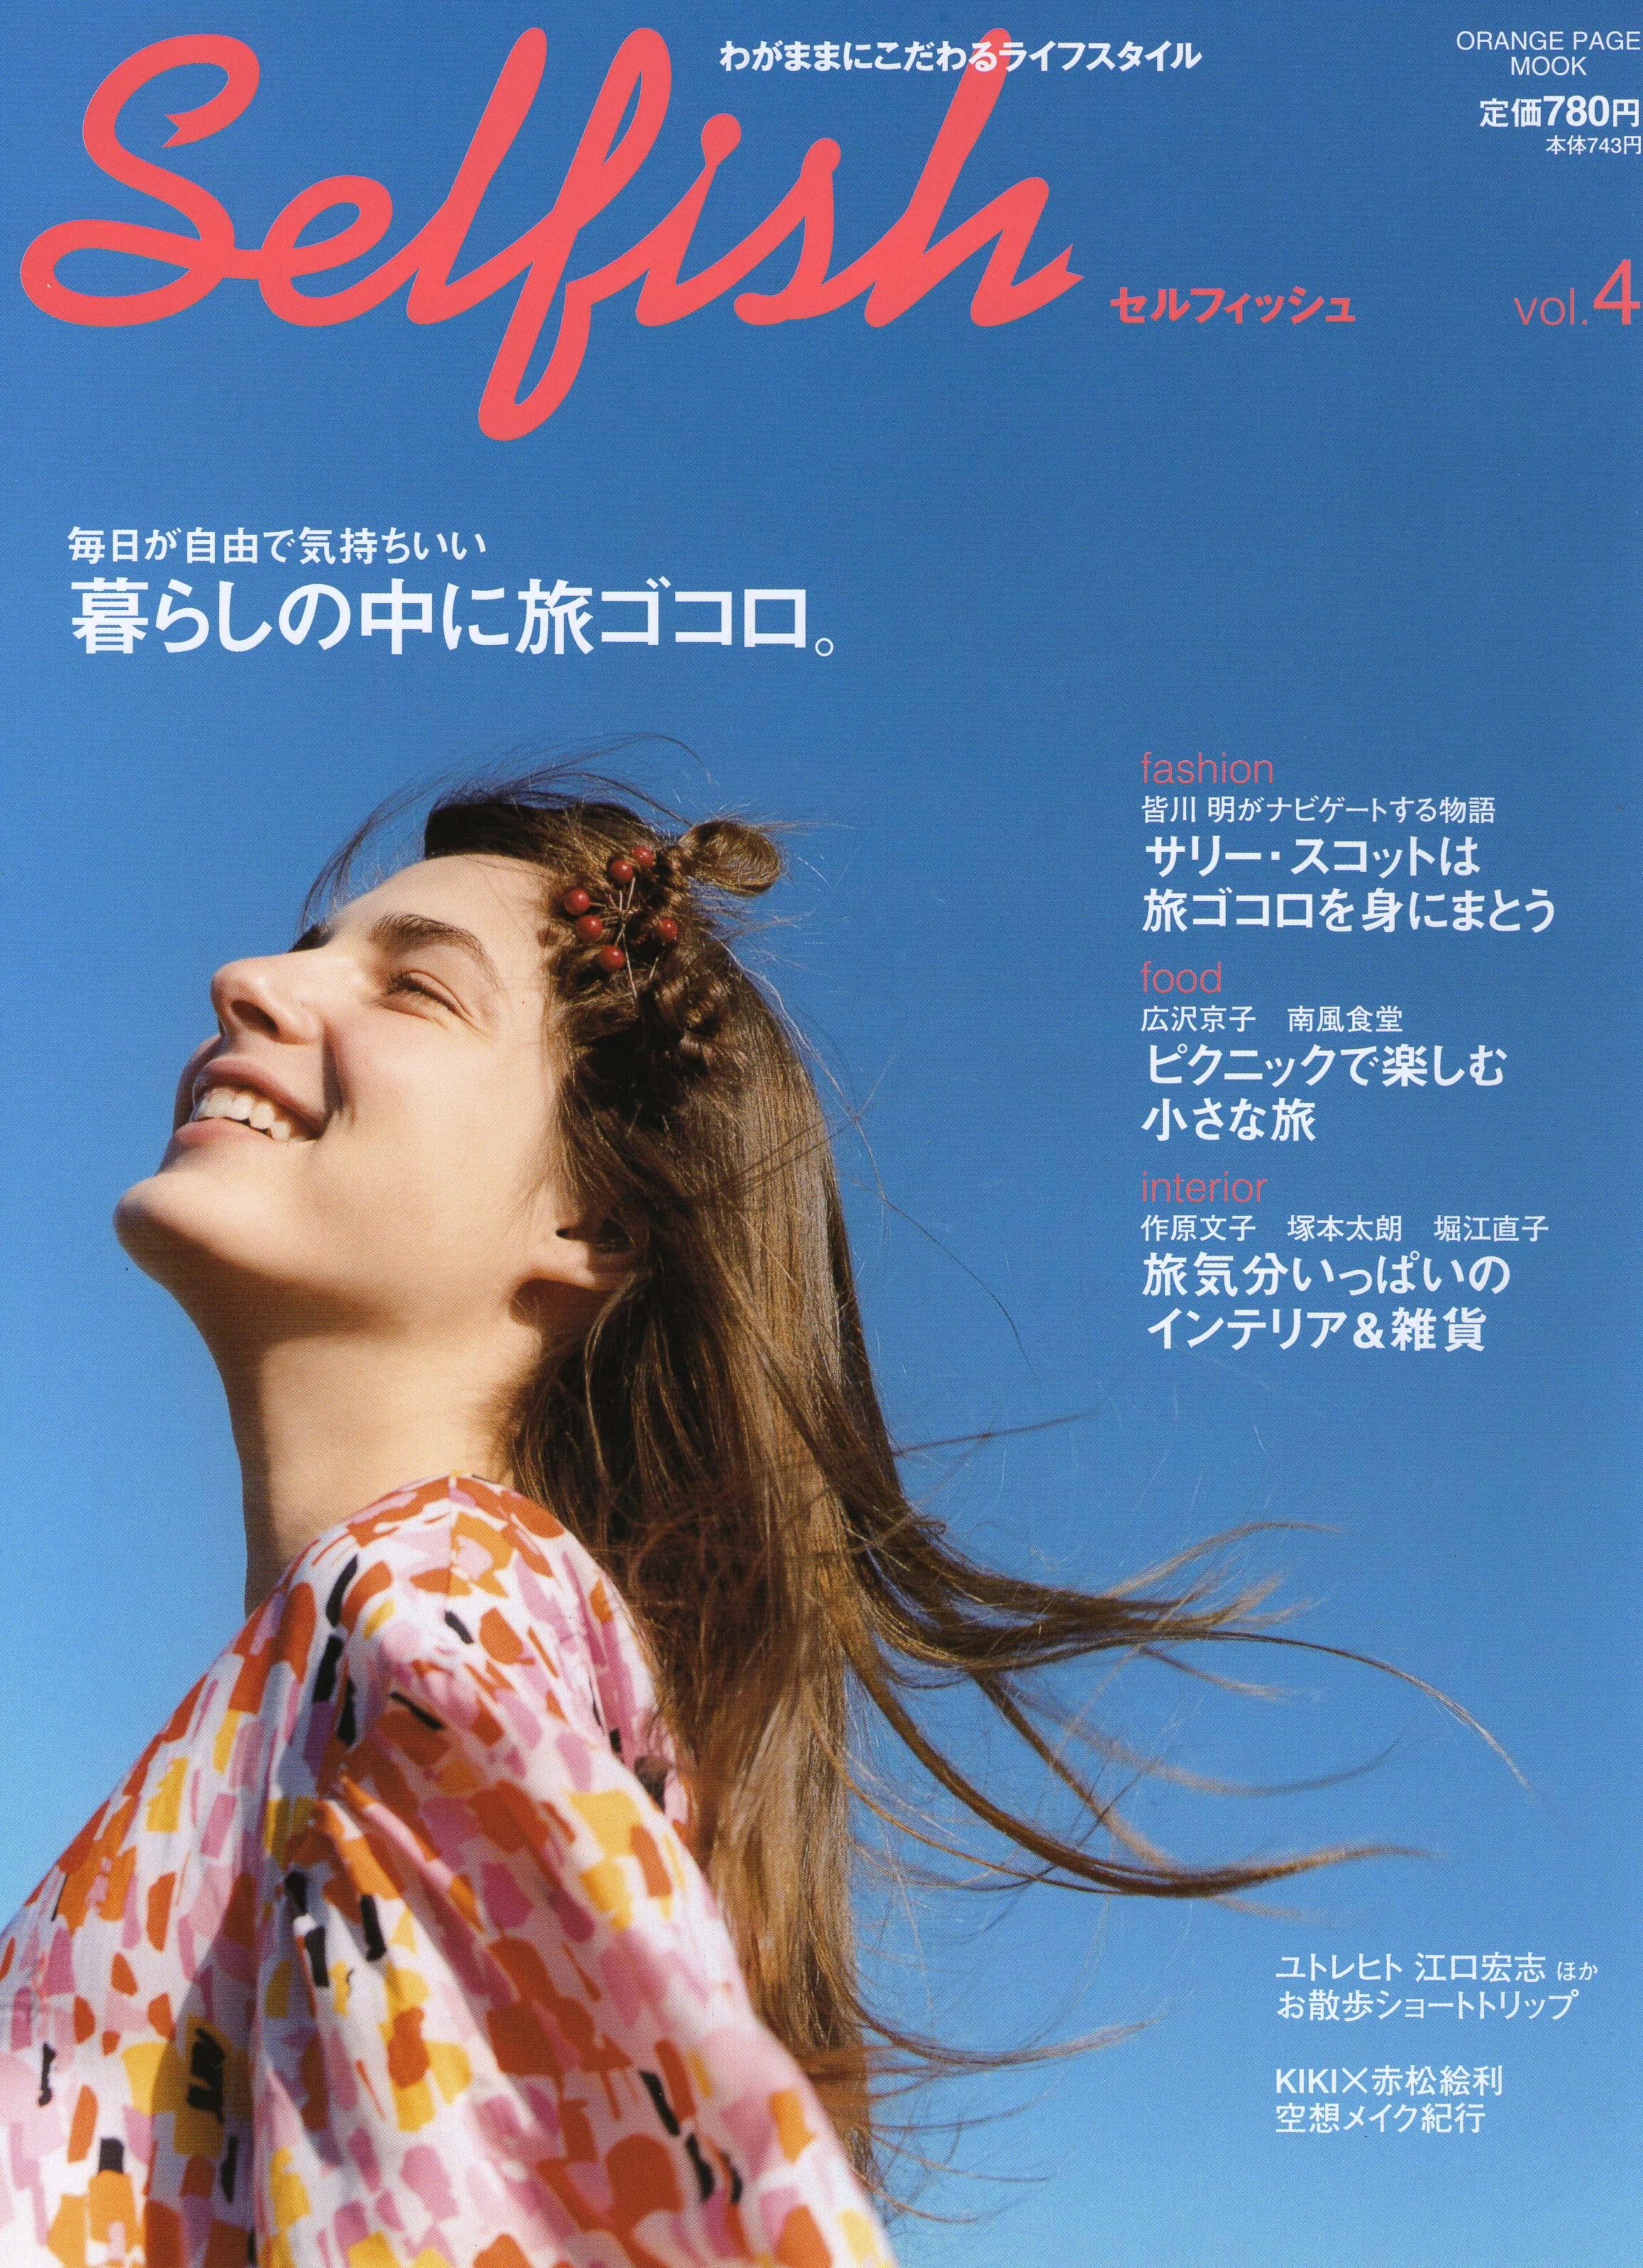 selfish japan vol 4 cover.jpg